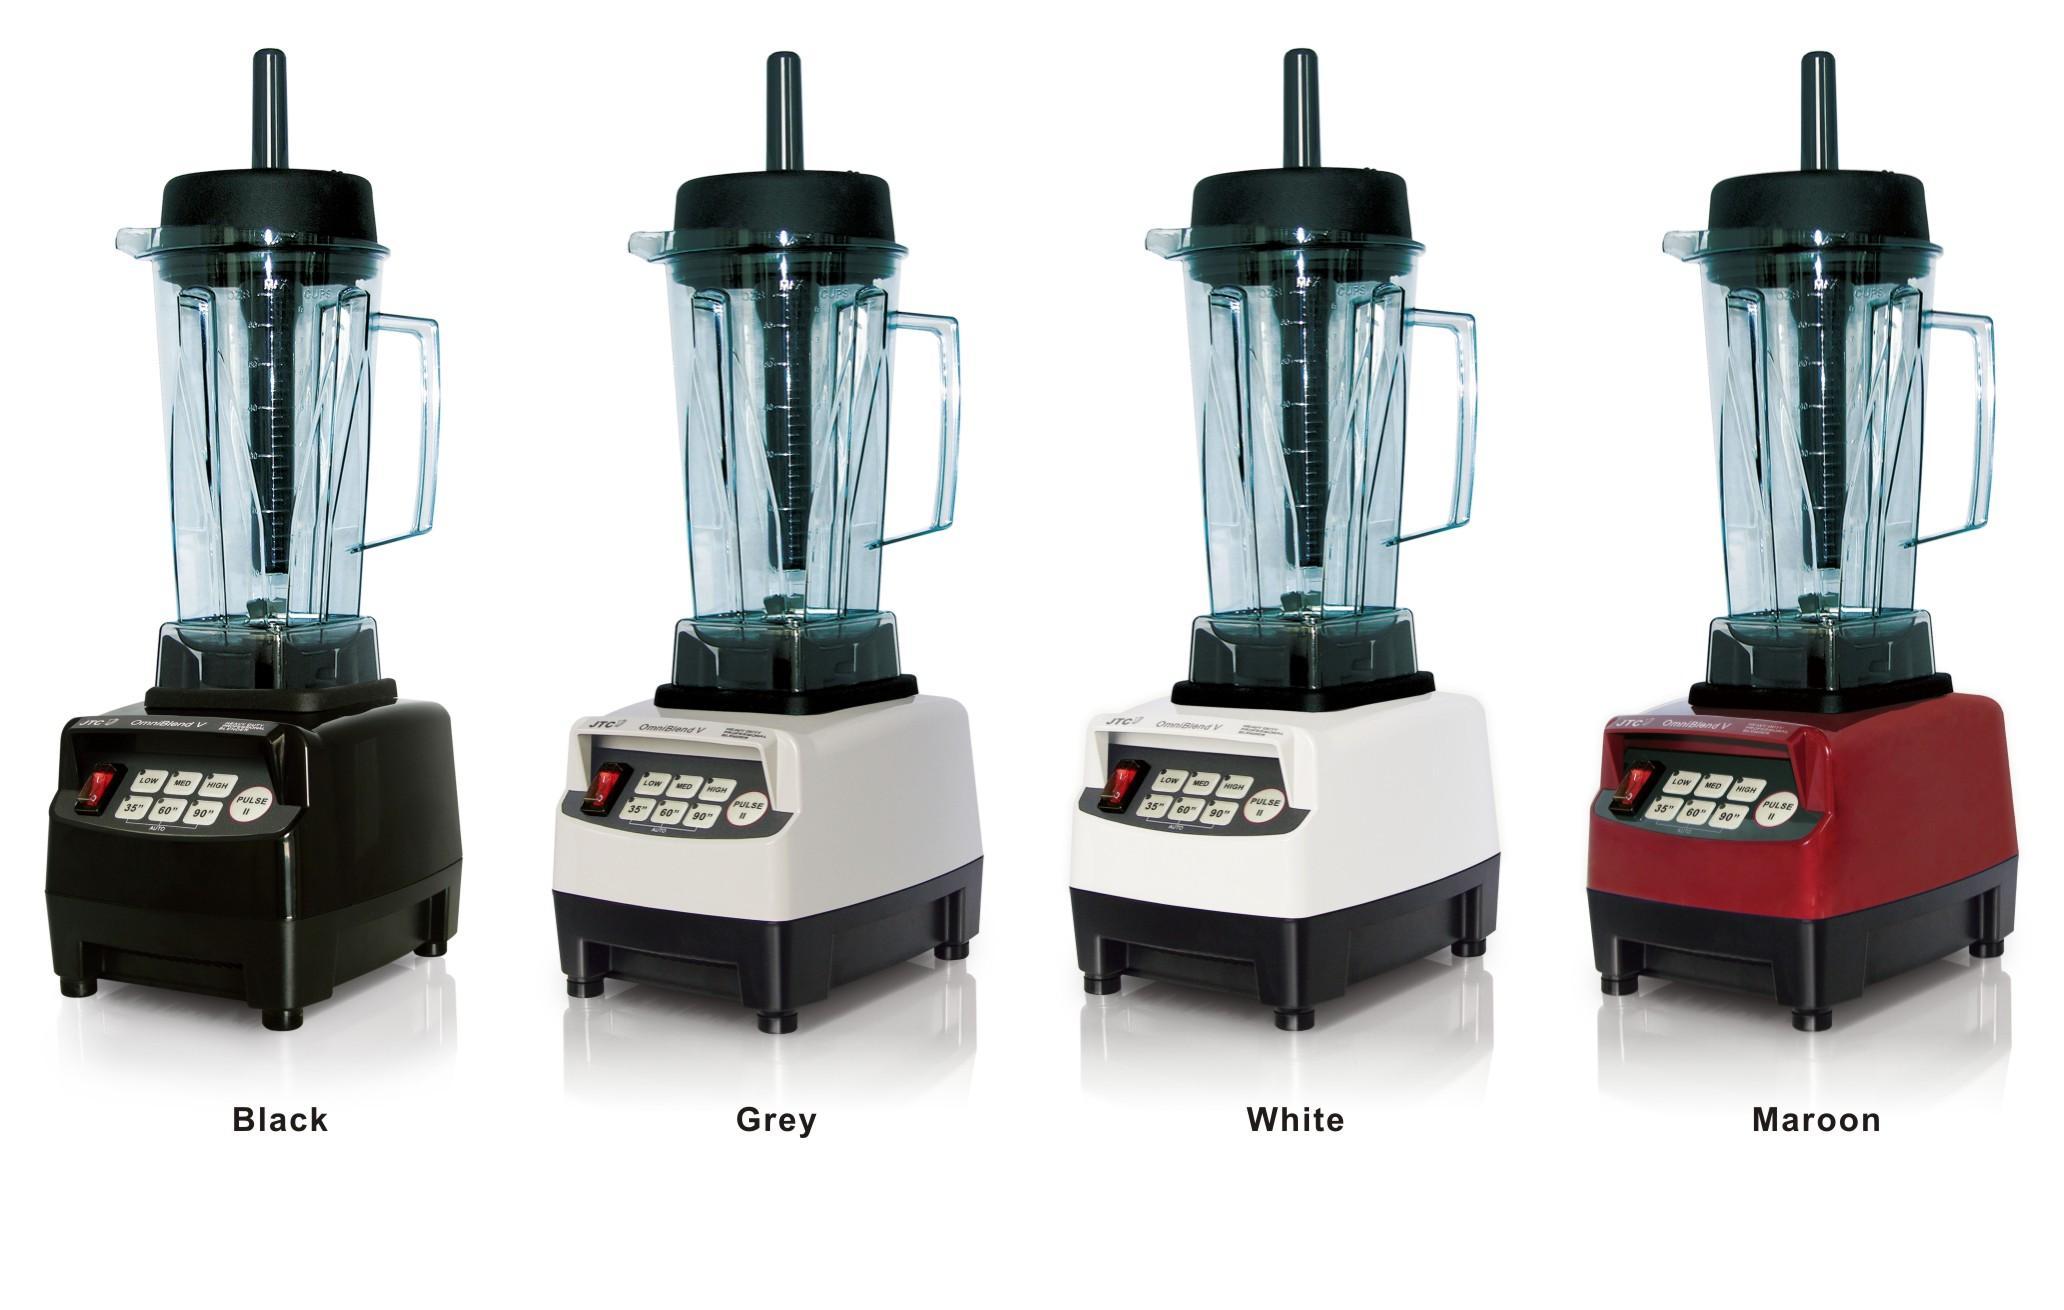 Multipurpose JTC liquidificador comercial, Modelo: TM-800, Preto, FRETE GRÁTIS, com 100% GARANTIDO NÃO. 1 QUALIDADE EM TODO O MUNDO.